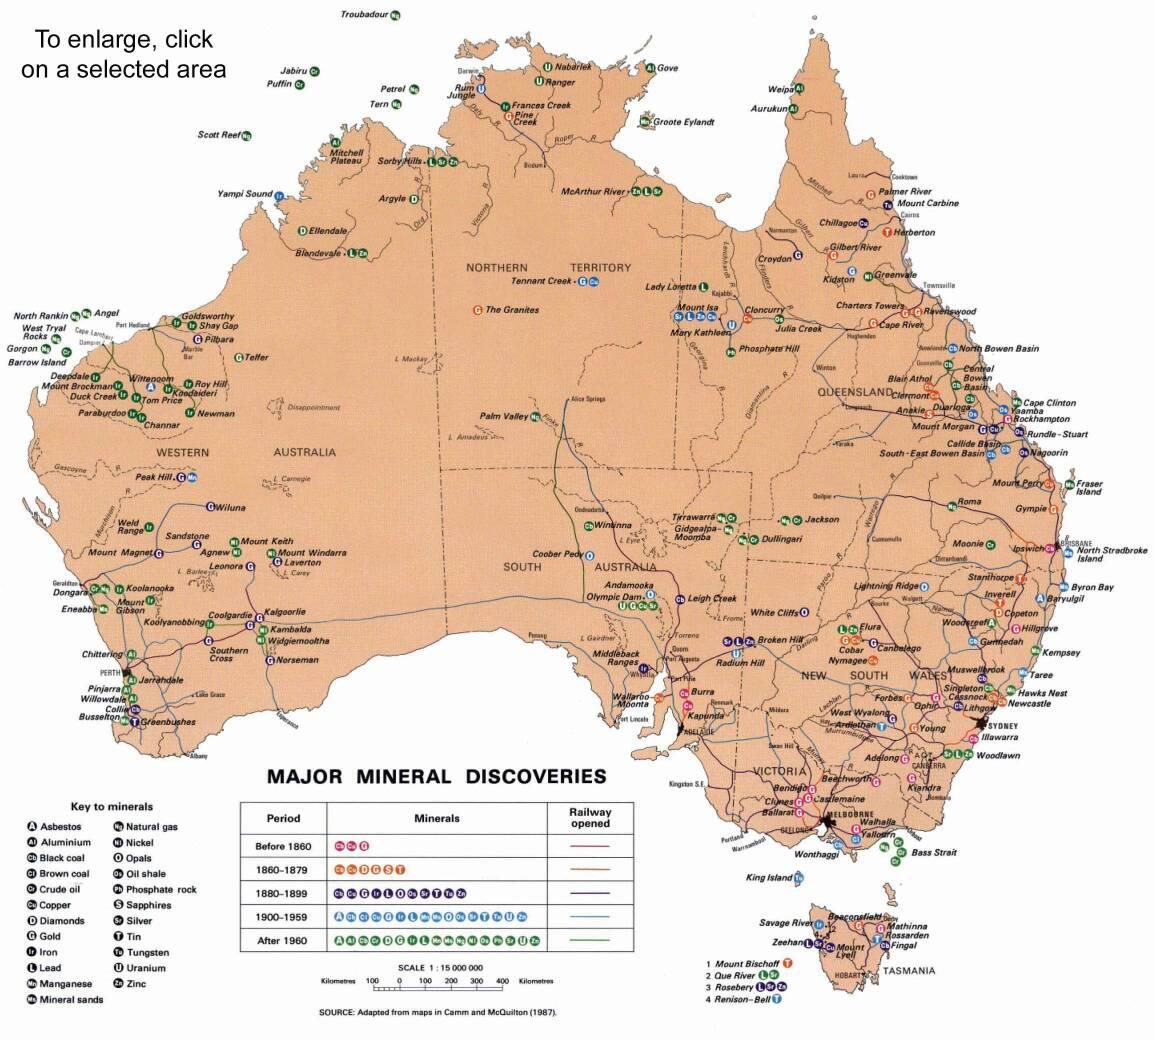 澳大利亚矿产资源图_求一张澳大利亚矿产资源分布图(要英文的)!